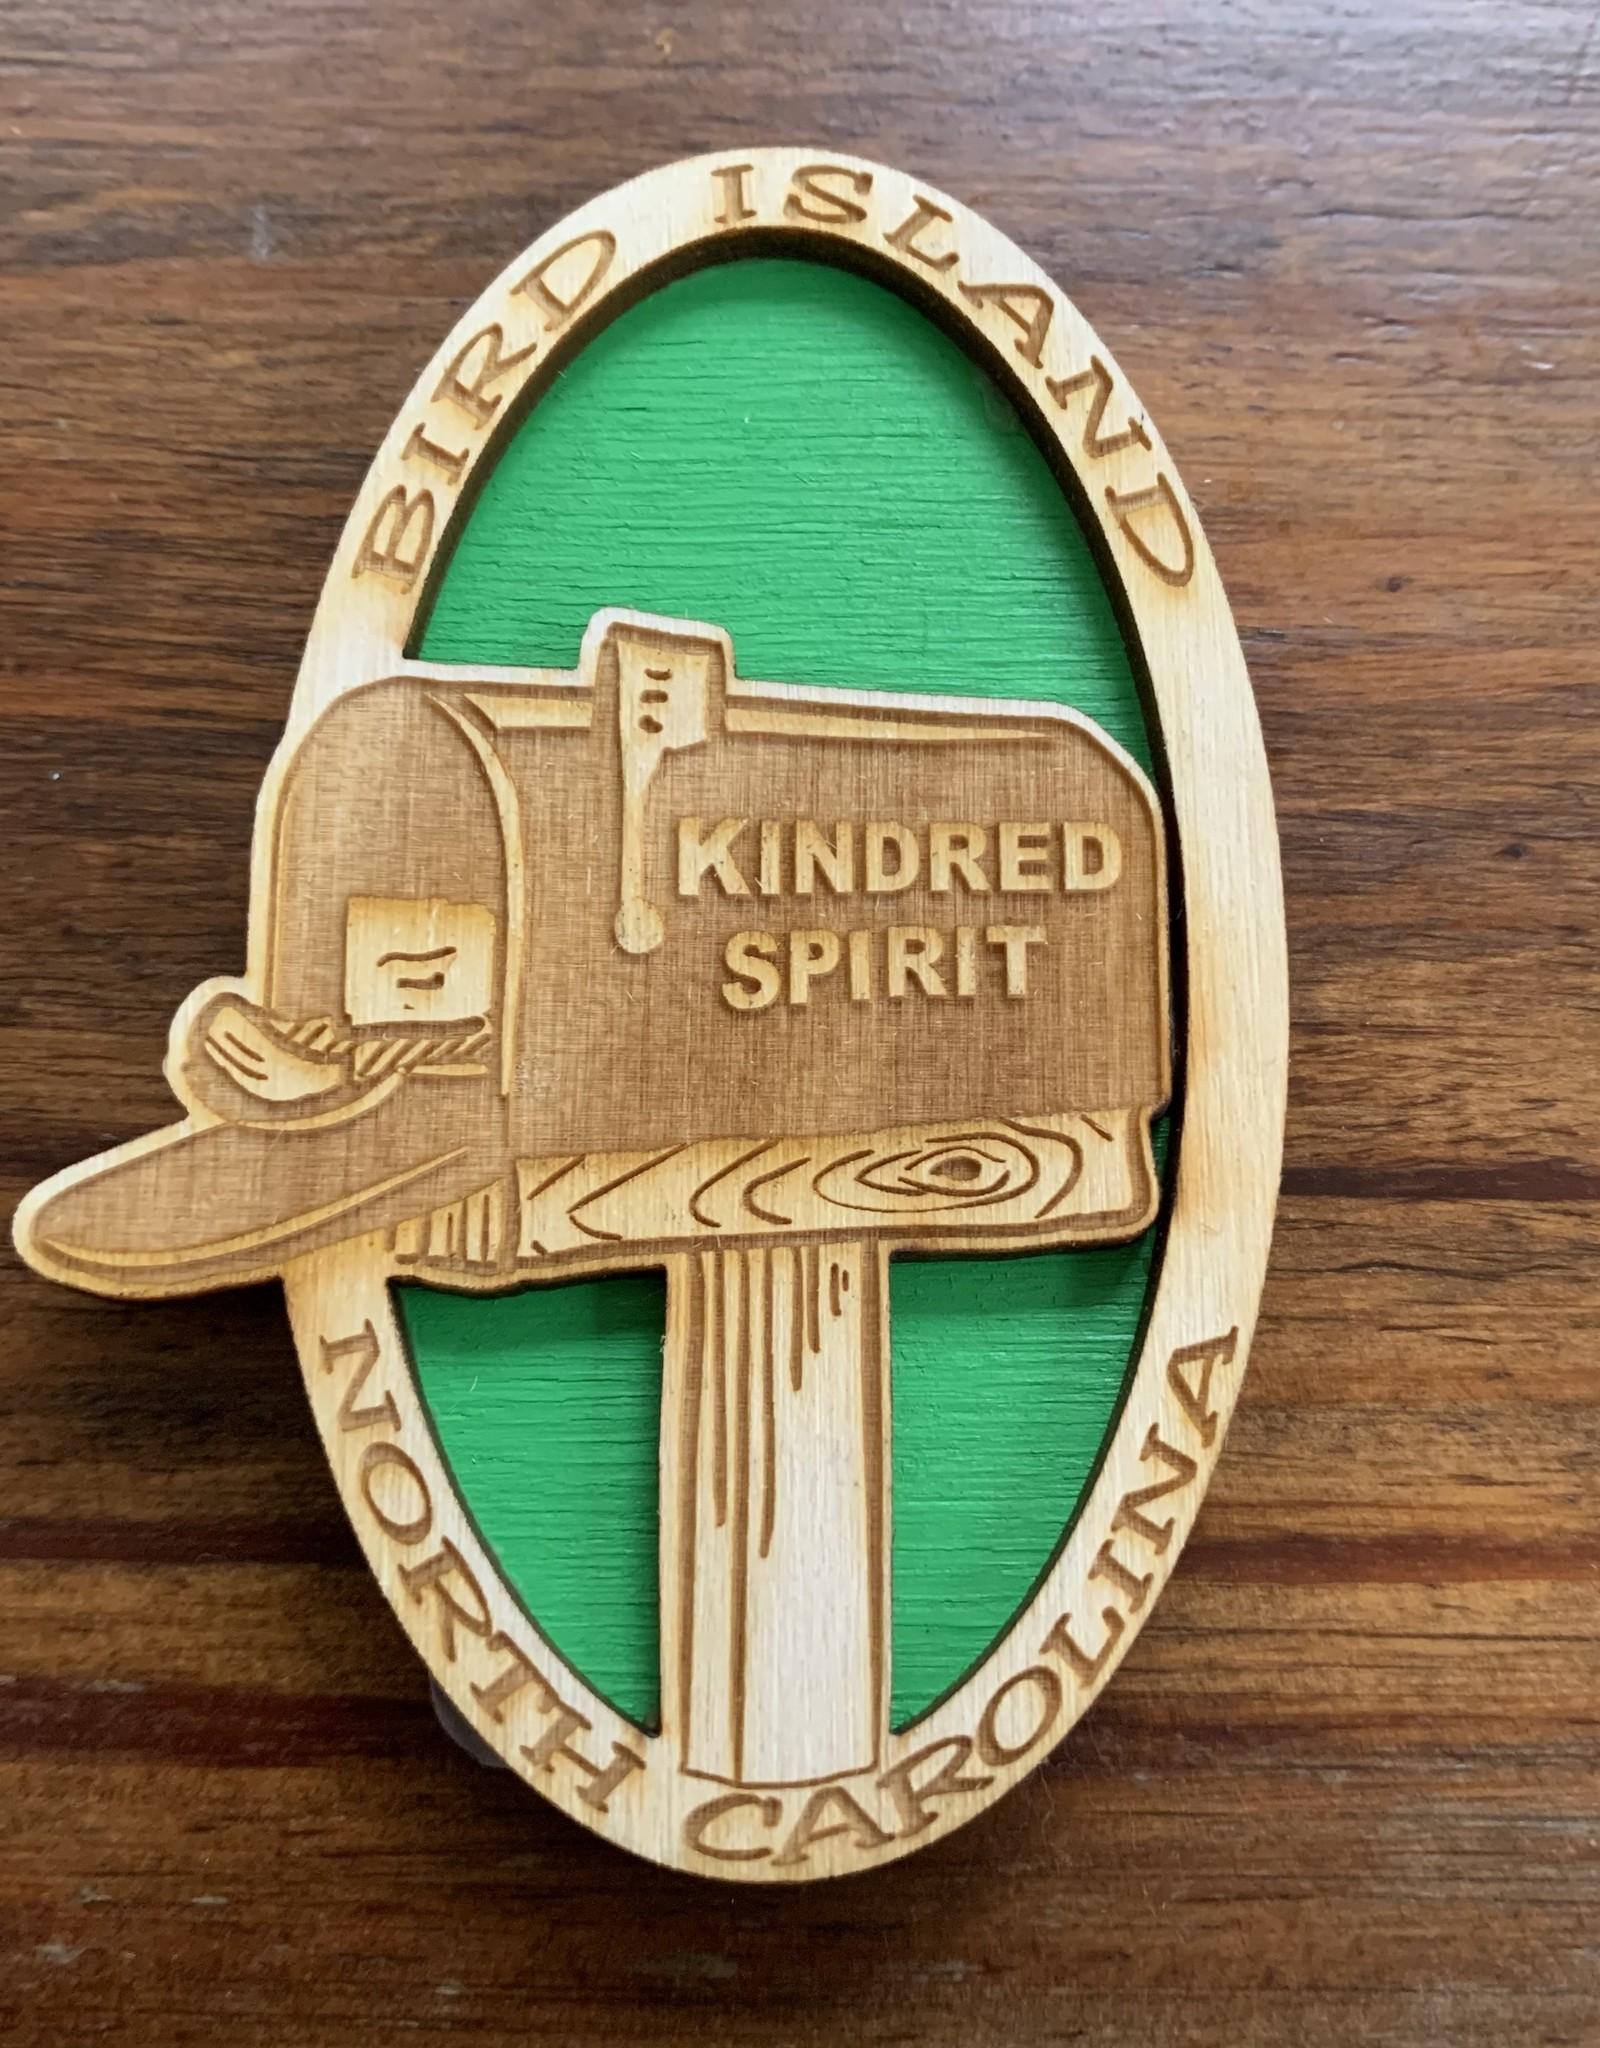 KINDRED SPIRIT KINDRED SPIRIT OVAL BILEVEL MAGNET (GREEN)